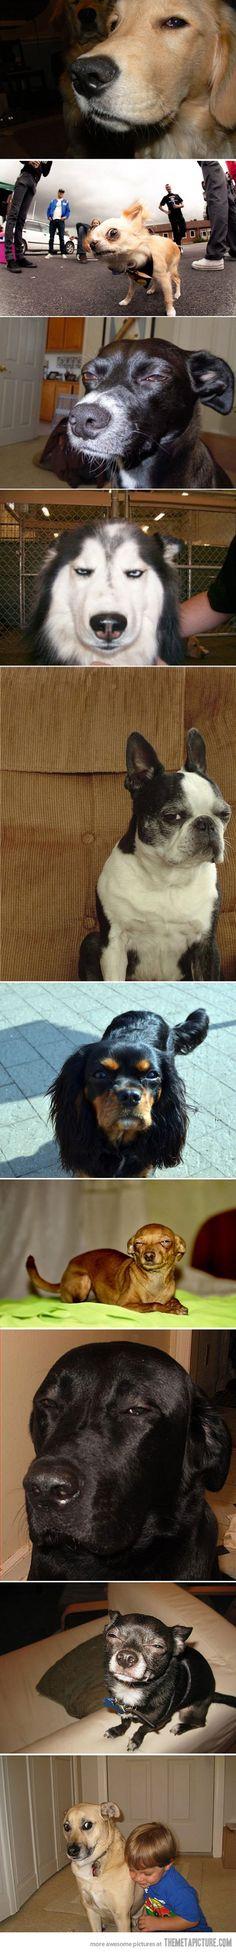 Suspicious dogs are suspicious